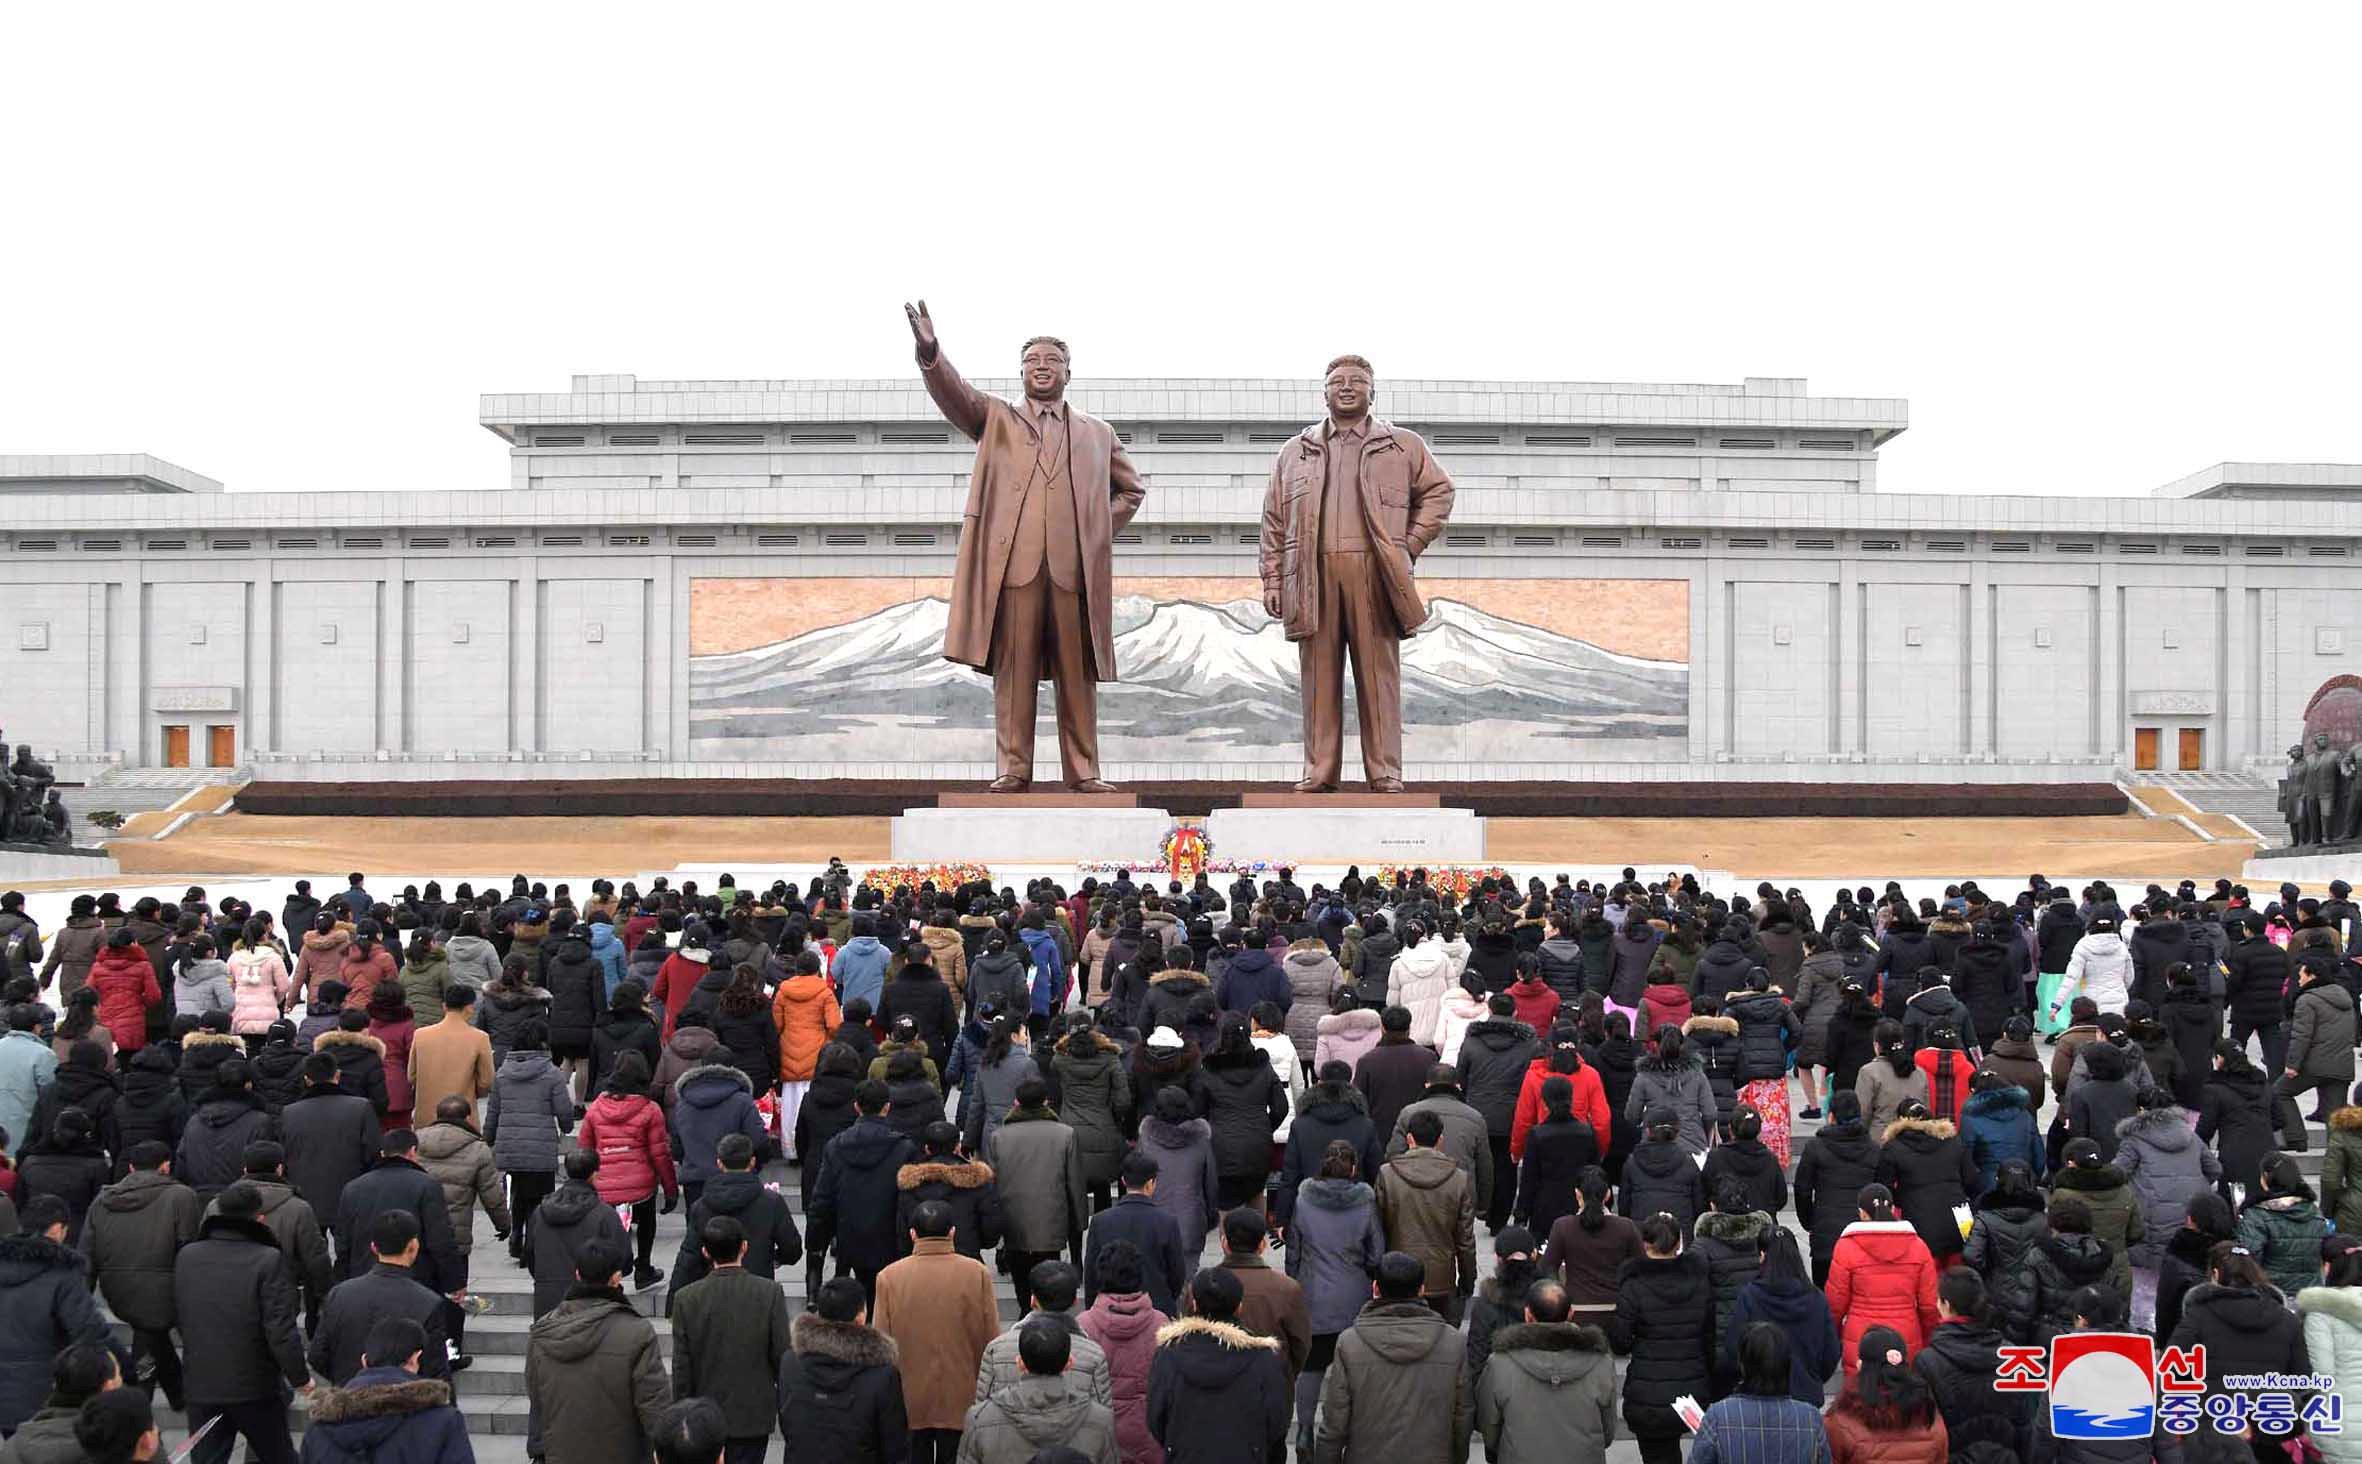 كوريا الشمالية (1)